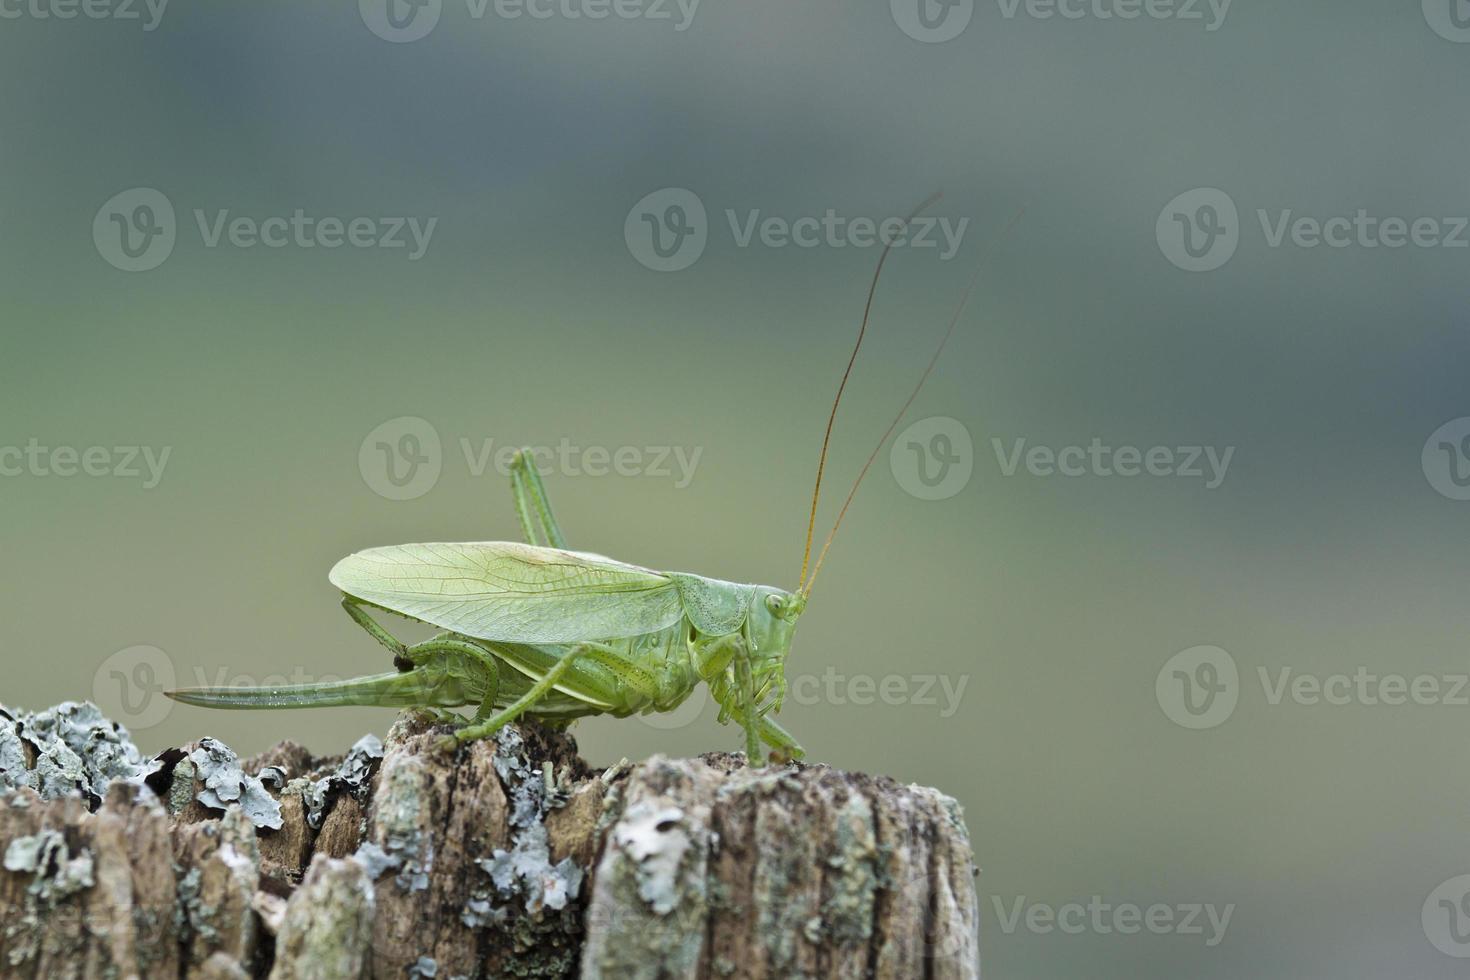 große grüne Busch-Cricket-Art tettigonia viridissima, Frankreich foto